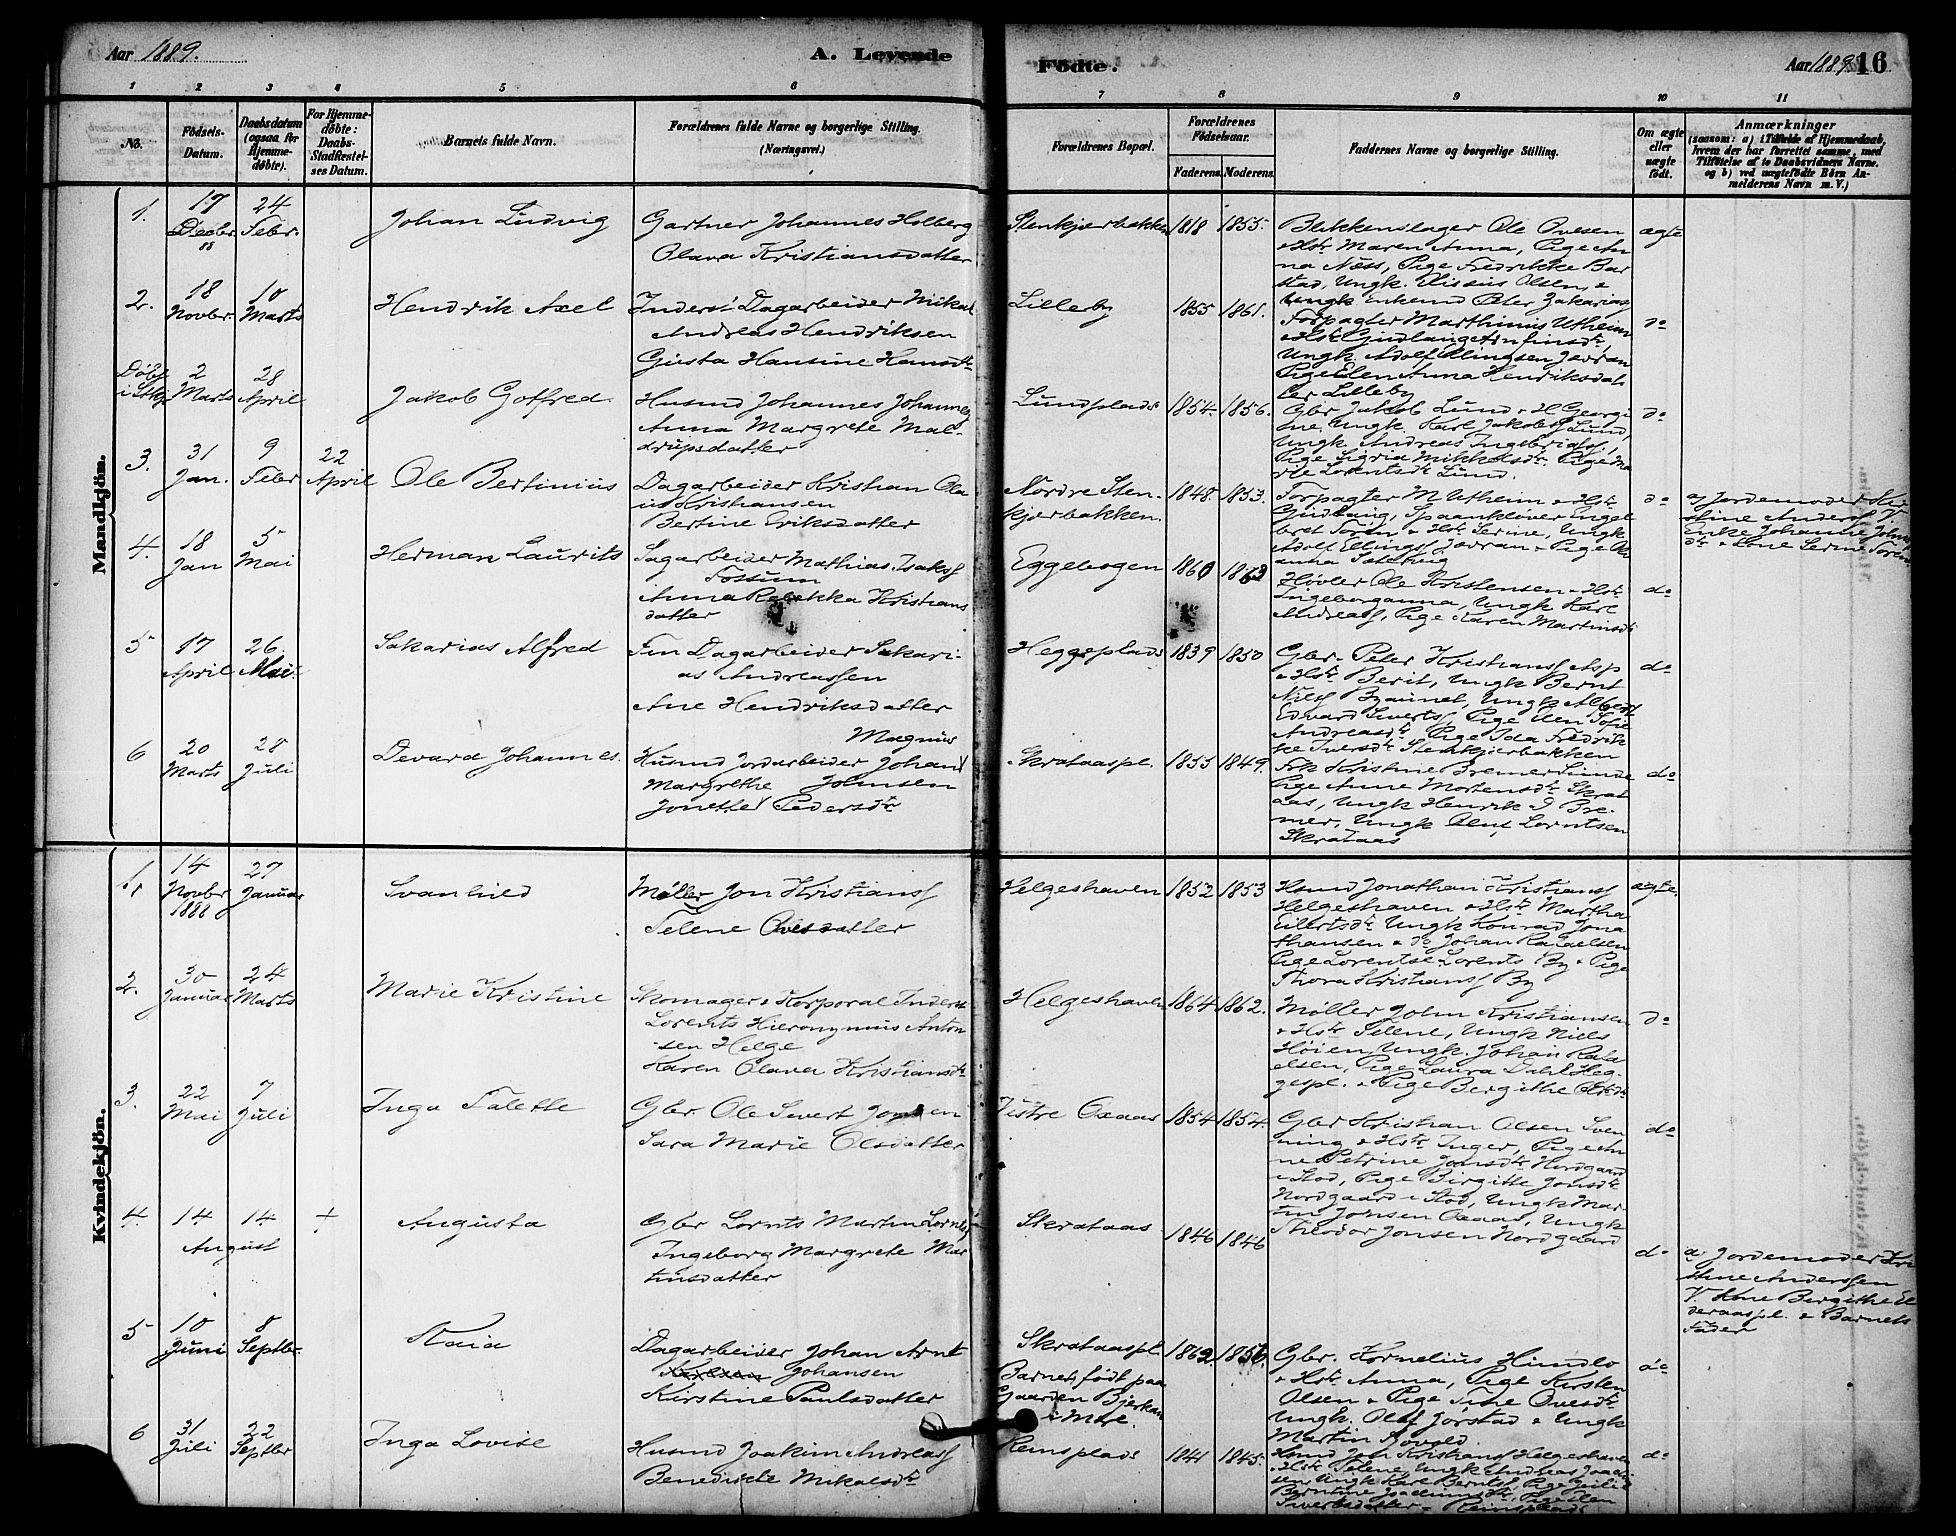 SAT, Ministerialprotokoller, klokkerbøker og fødselsregistre - Nord-Trøndelag, 740/L0378: Ministerialbok nr. 740A01, 1881-1895, s. 16